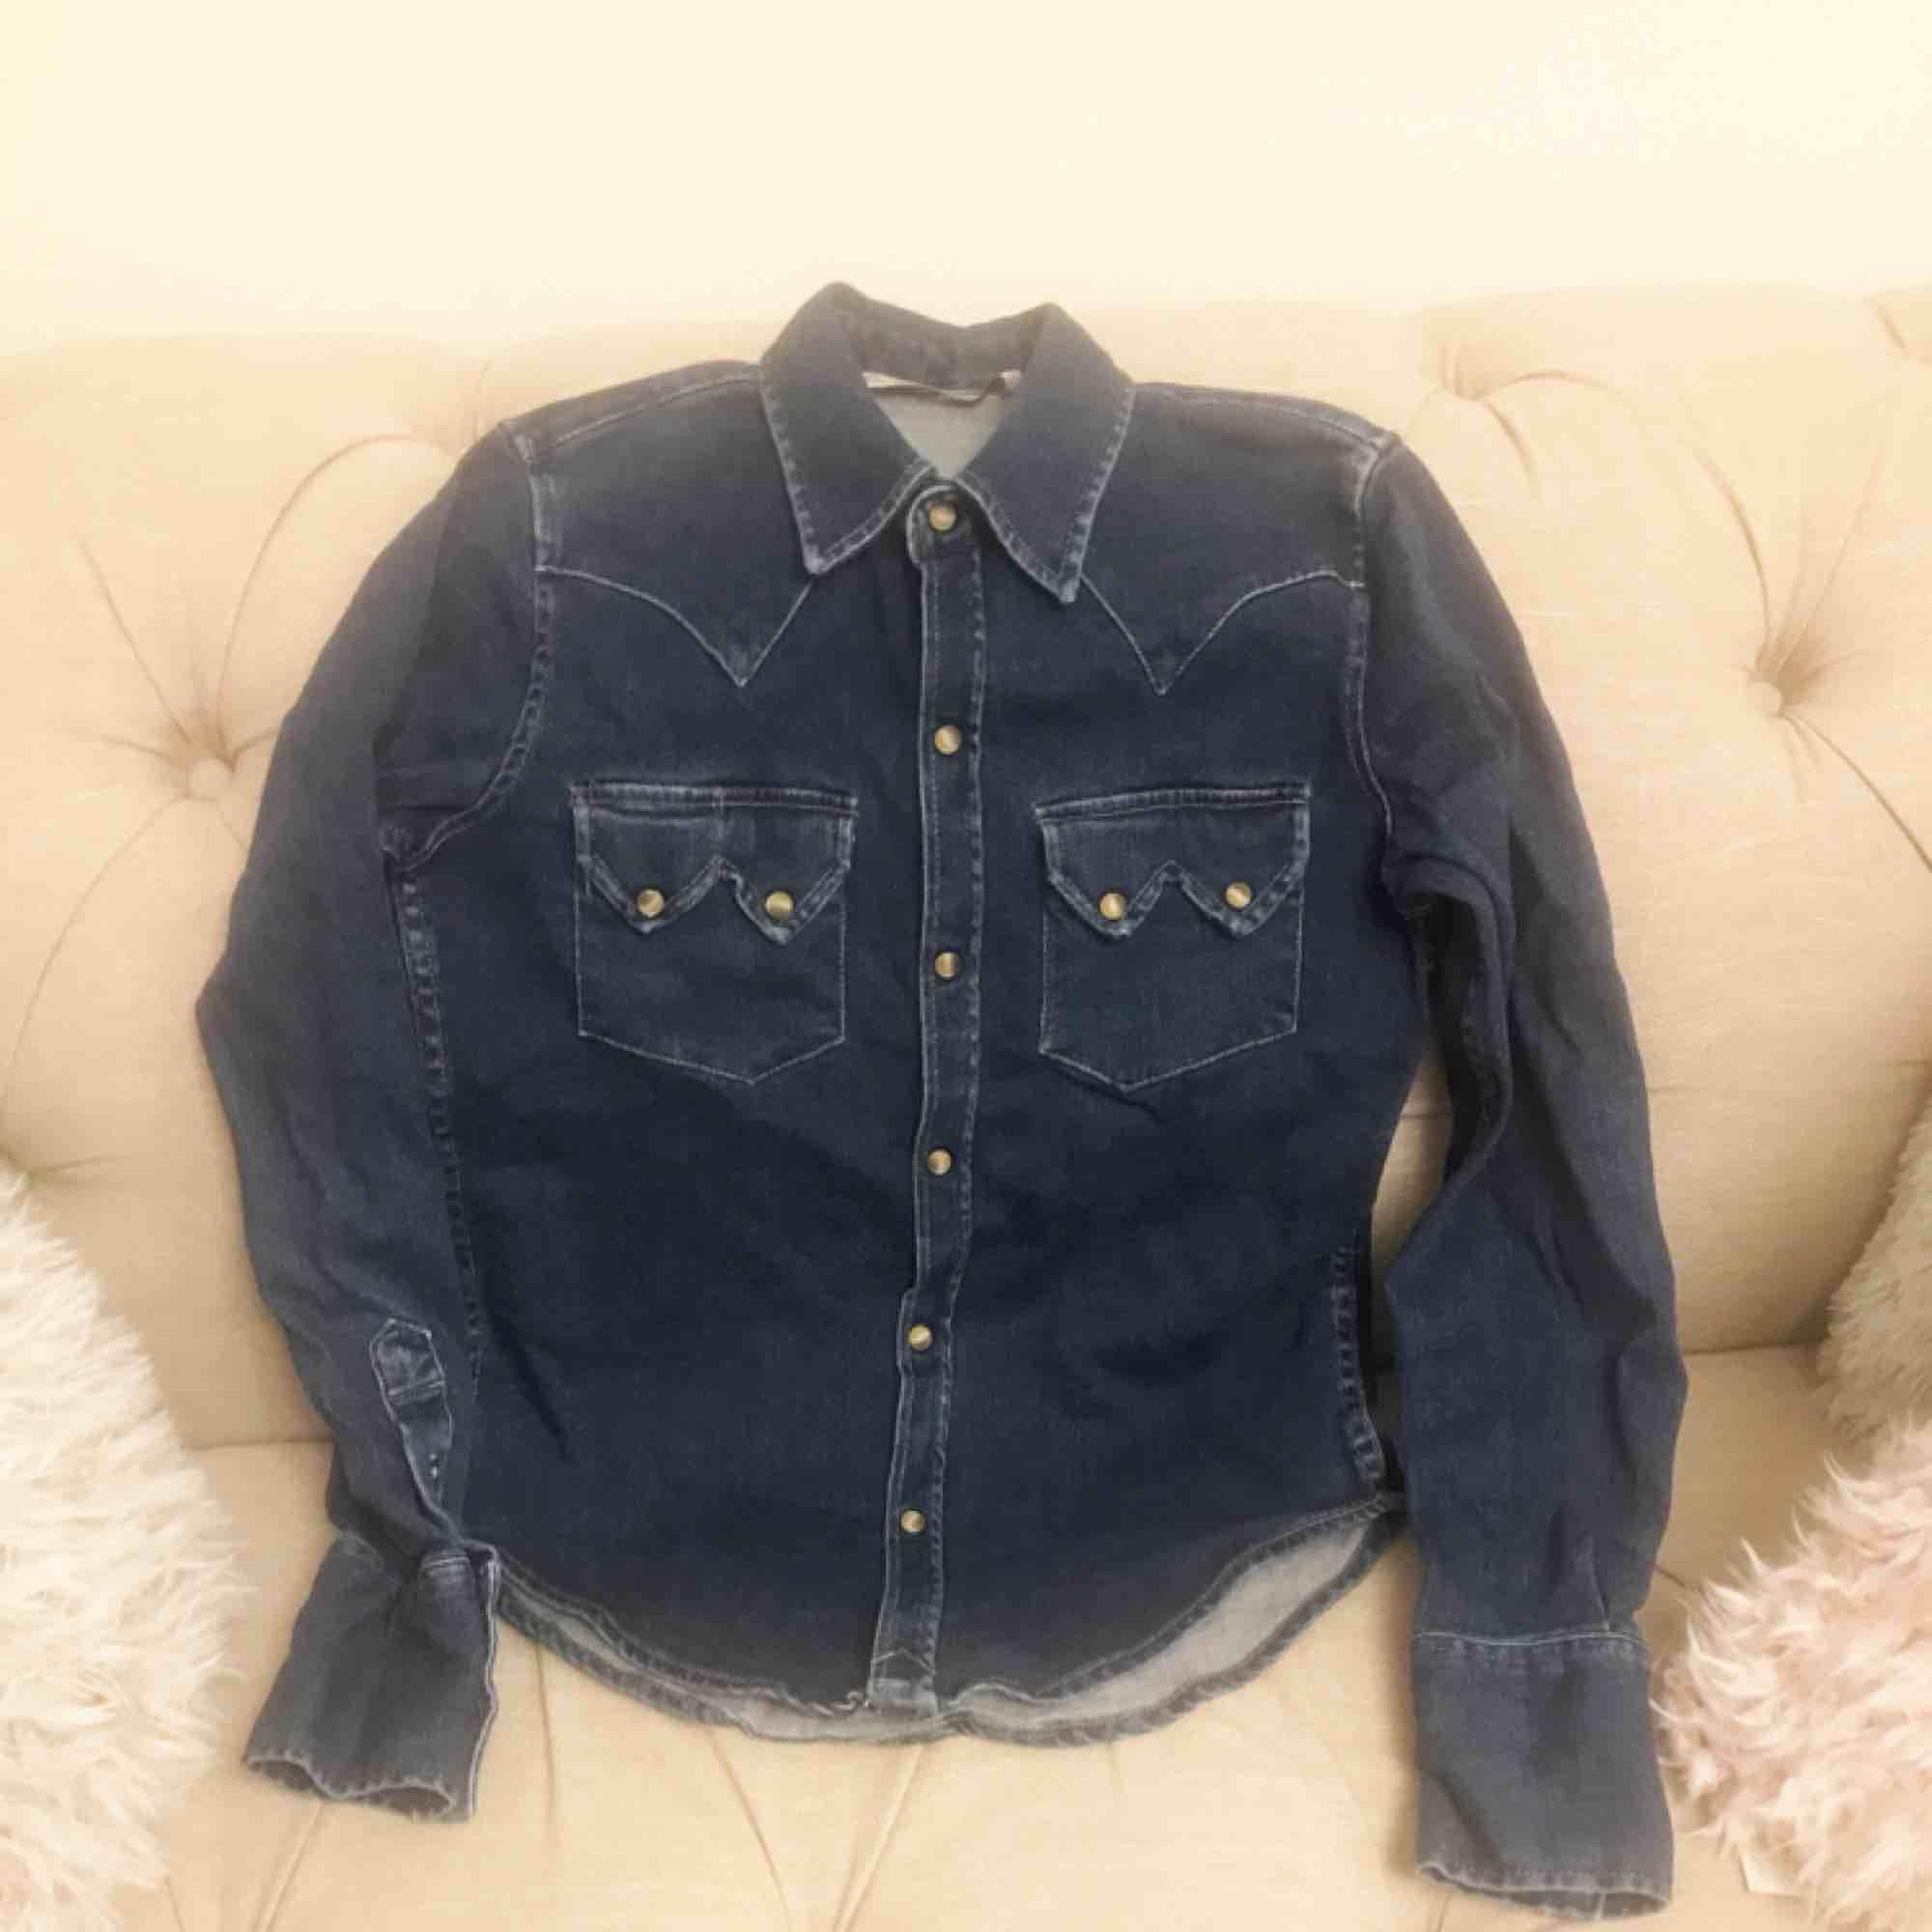 Zara jeansskjorta i storlek S. Stretchigt material (kan passa större/mindre storlek). Fint skick, inga hål eller fläckar. Frakt tillkommer.. Skjortor.